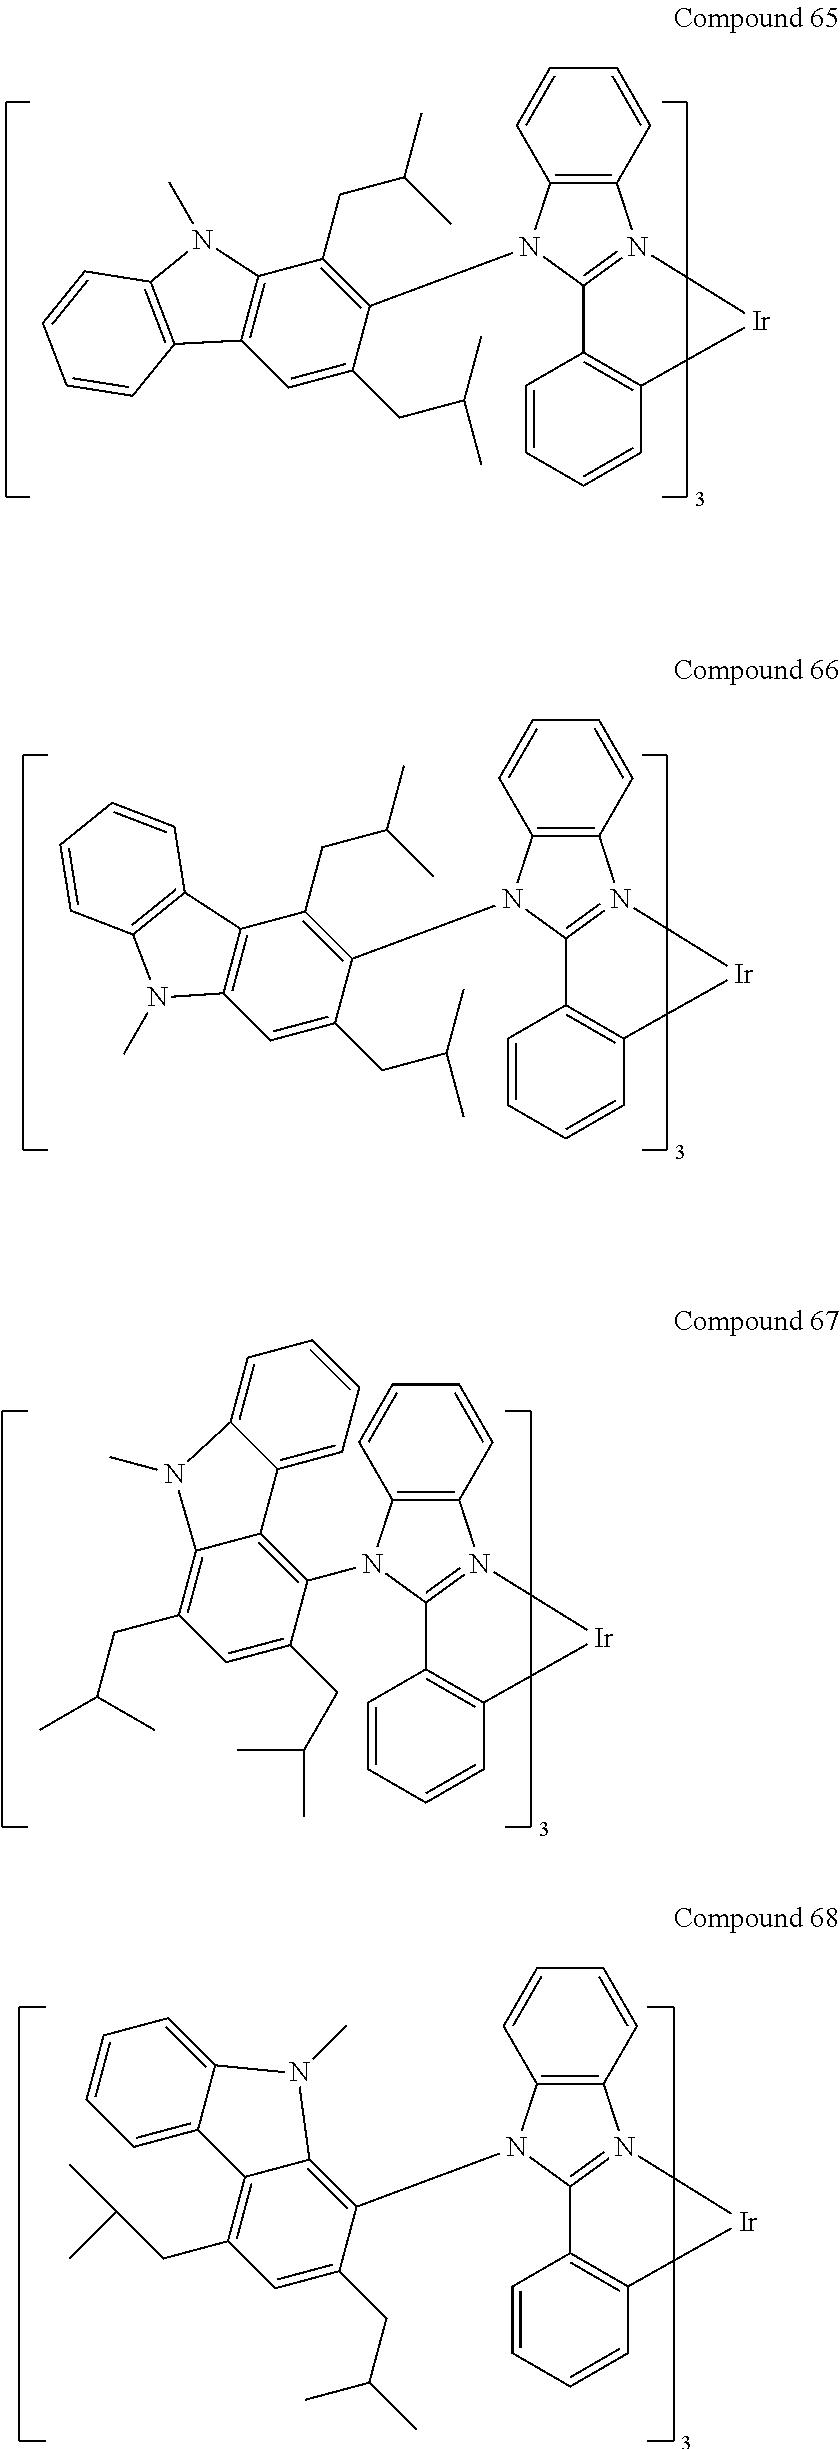 Figure US20110204333A1-20110825-C00027